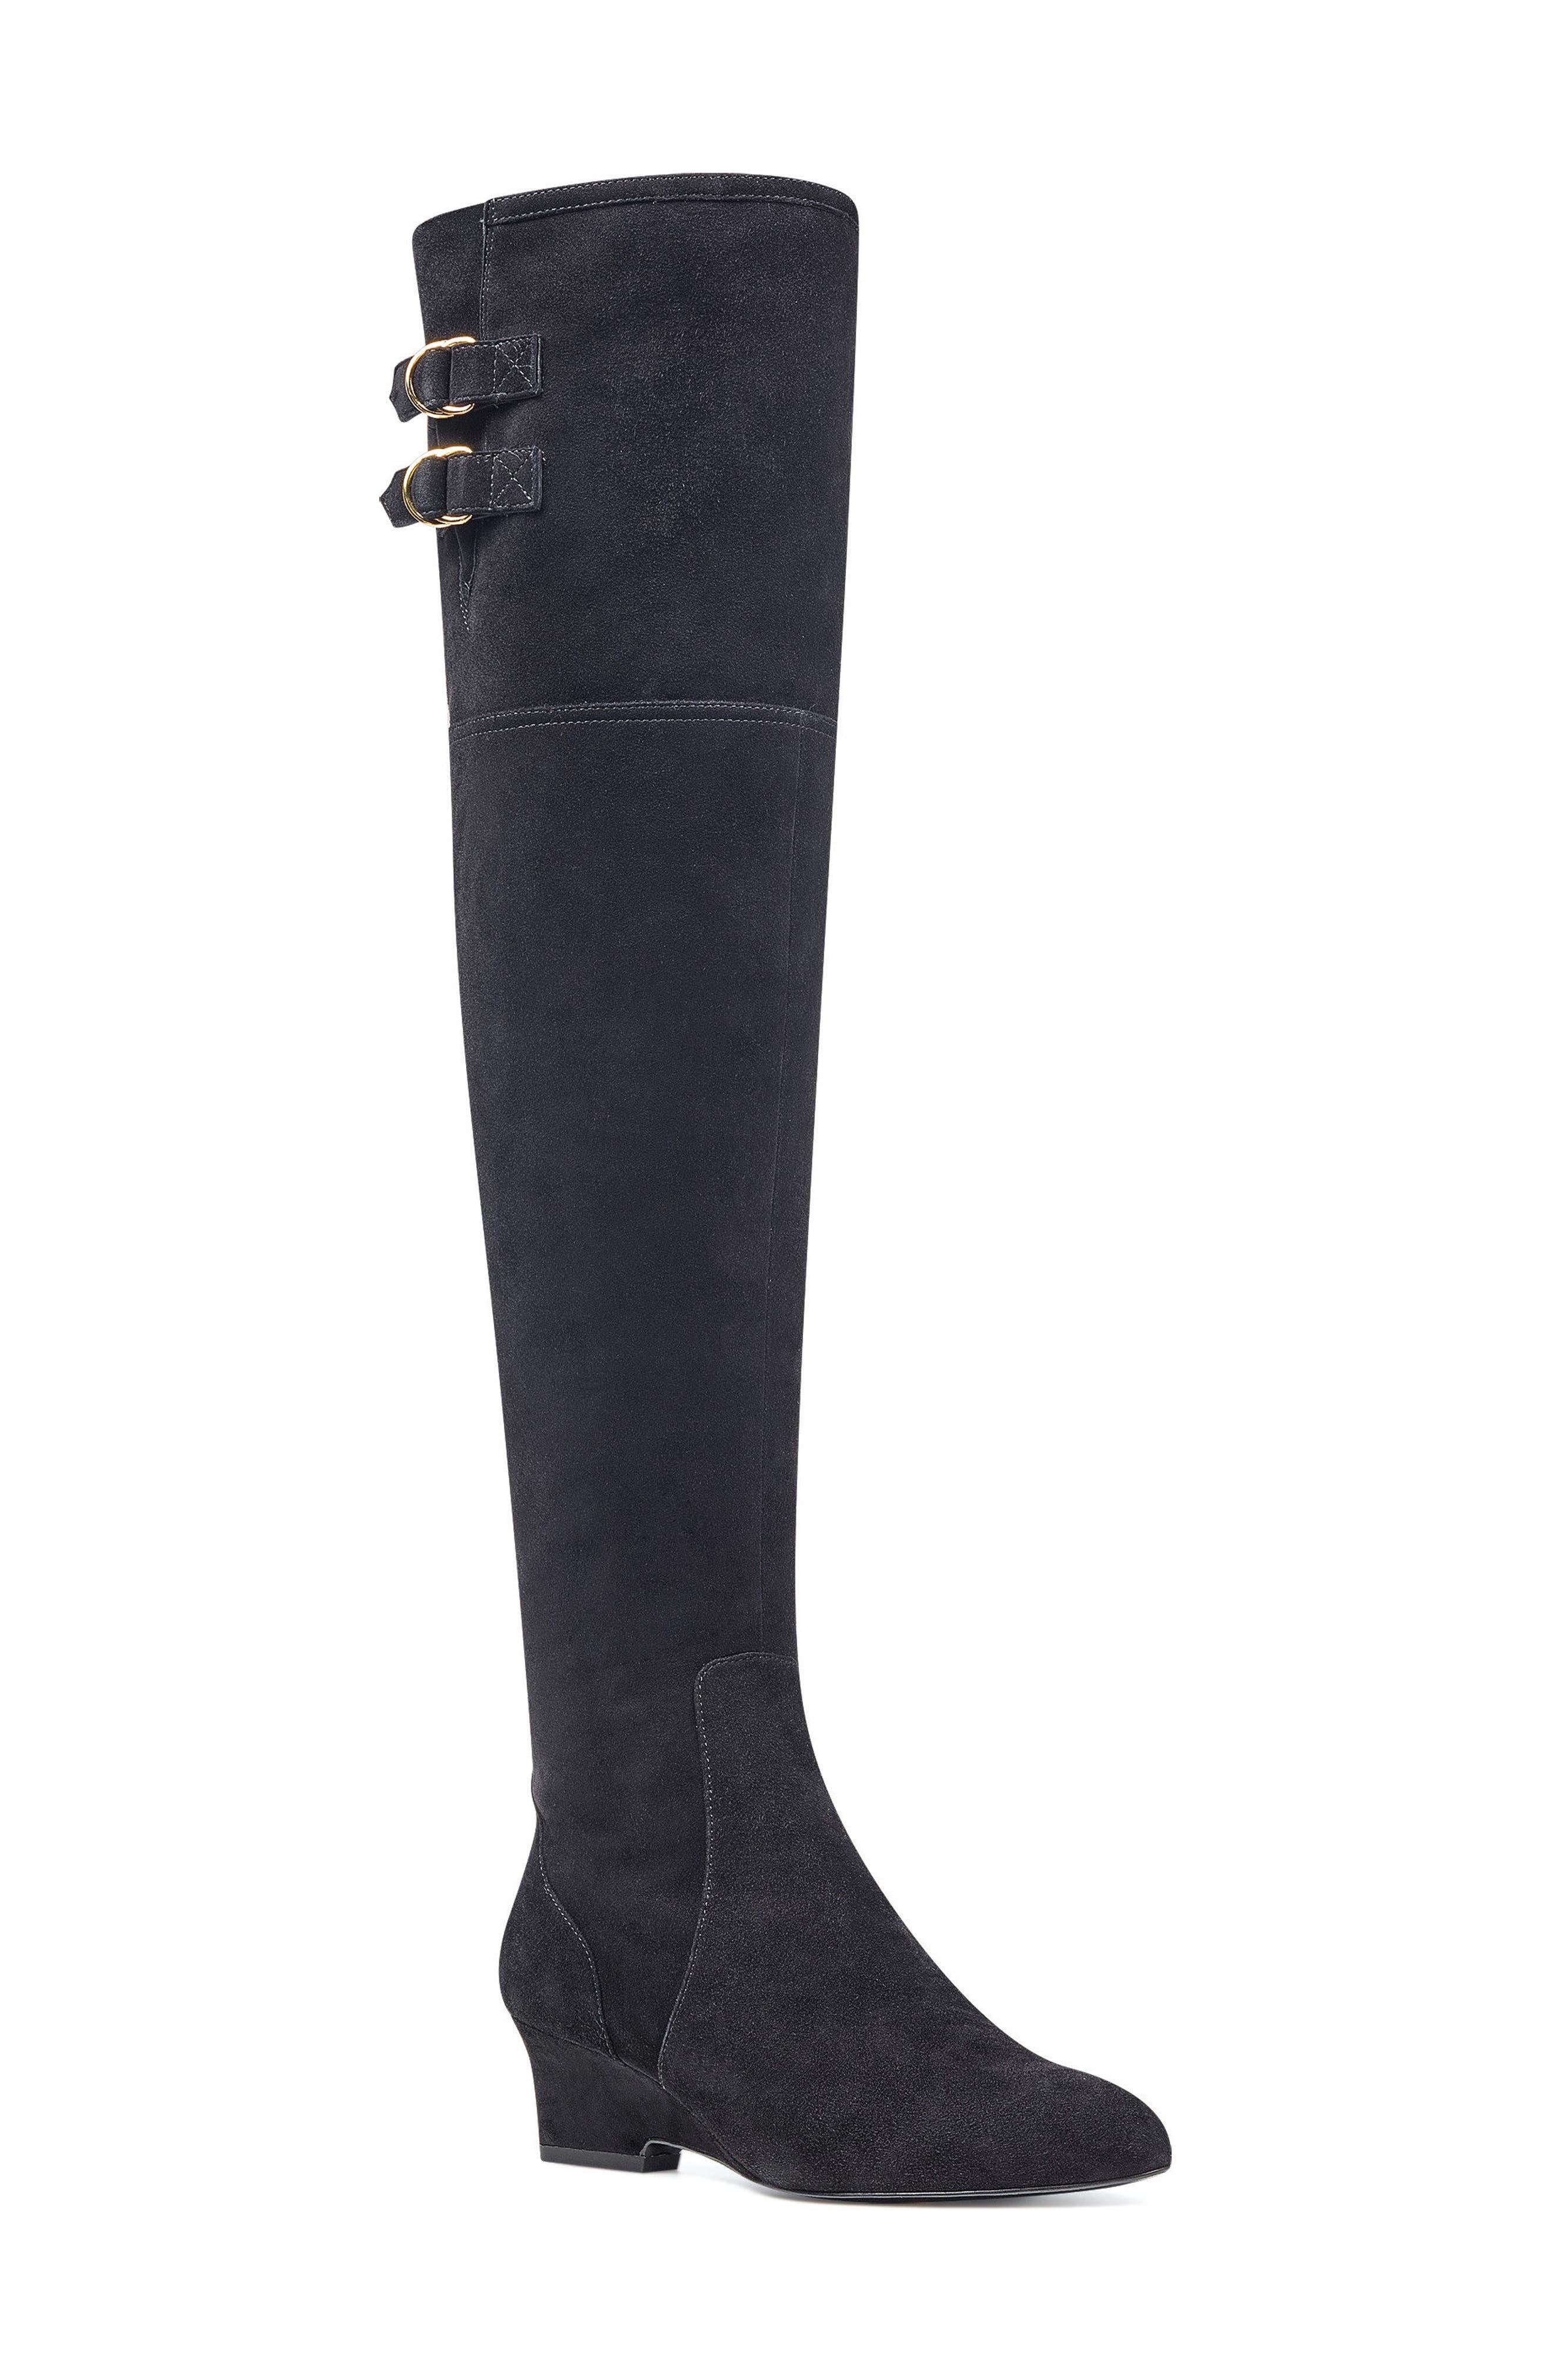 NINE WEST Jaen Over the Knee Boot